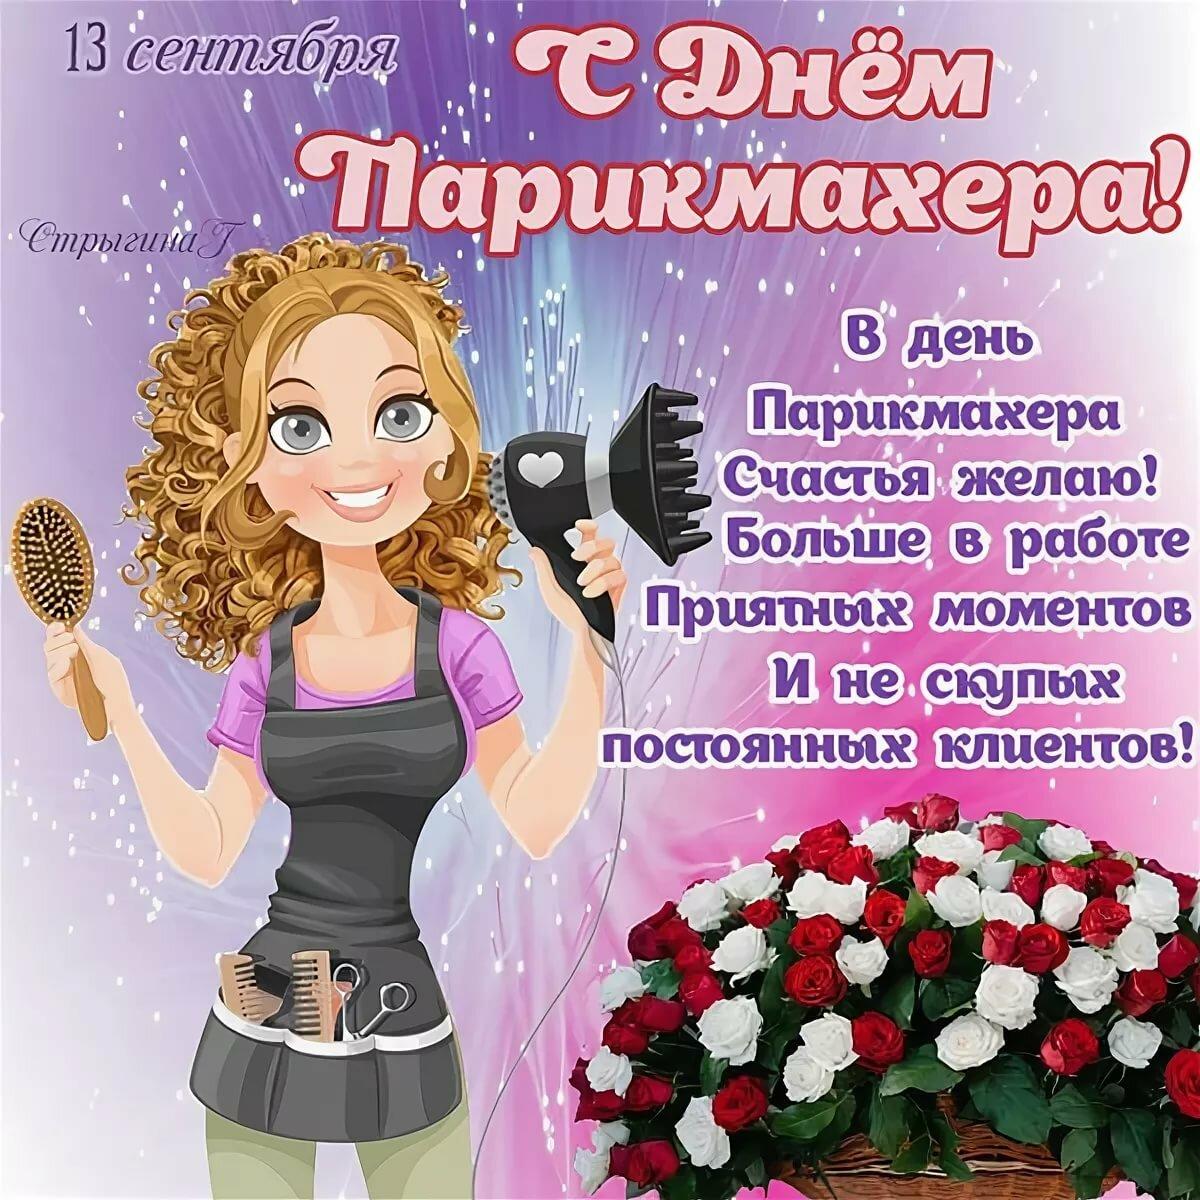 поздравление салону красоты с днем рождения в стихах красивые всем